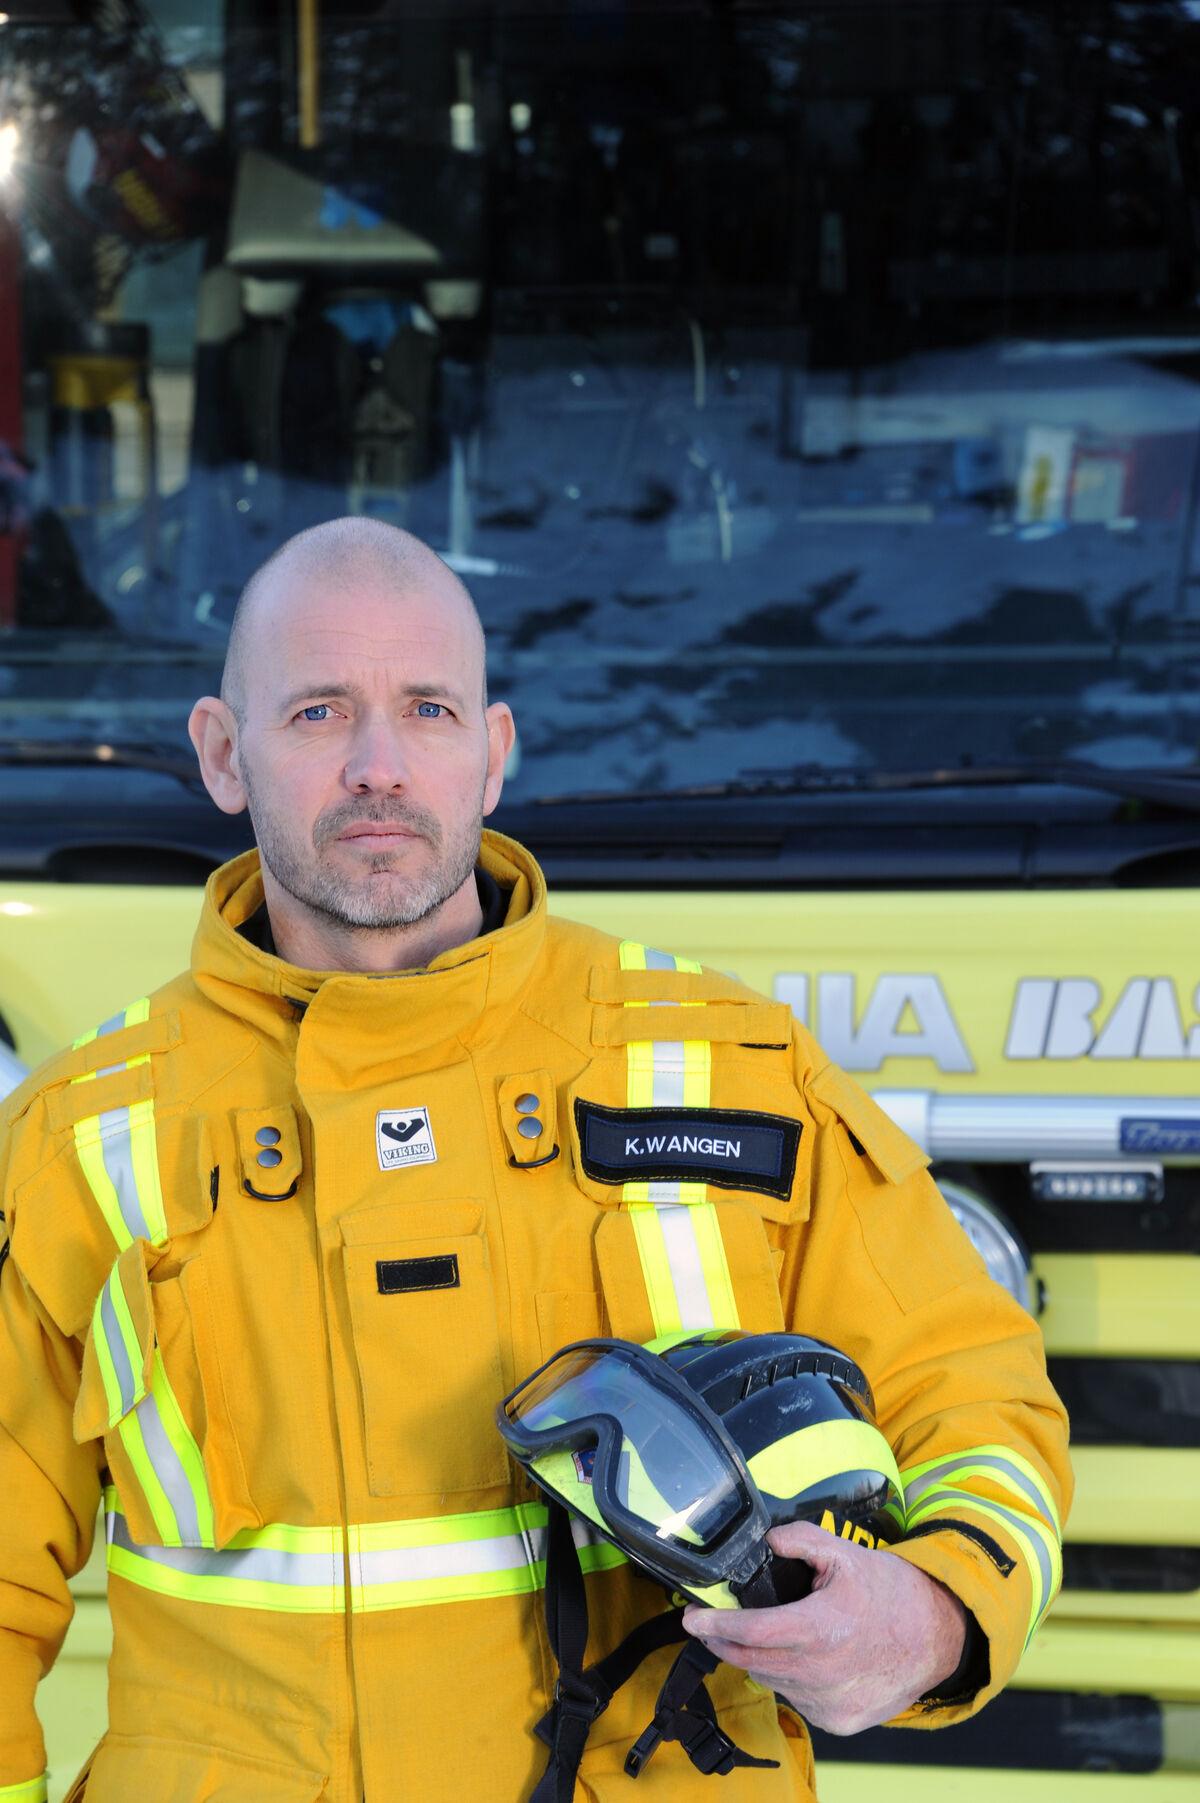 MENINGSFULL JOBB. Innsatsleder Kenneth Wangen er ikke i tvil: Å jobbe som brannmann er verdens beste jobb.